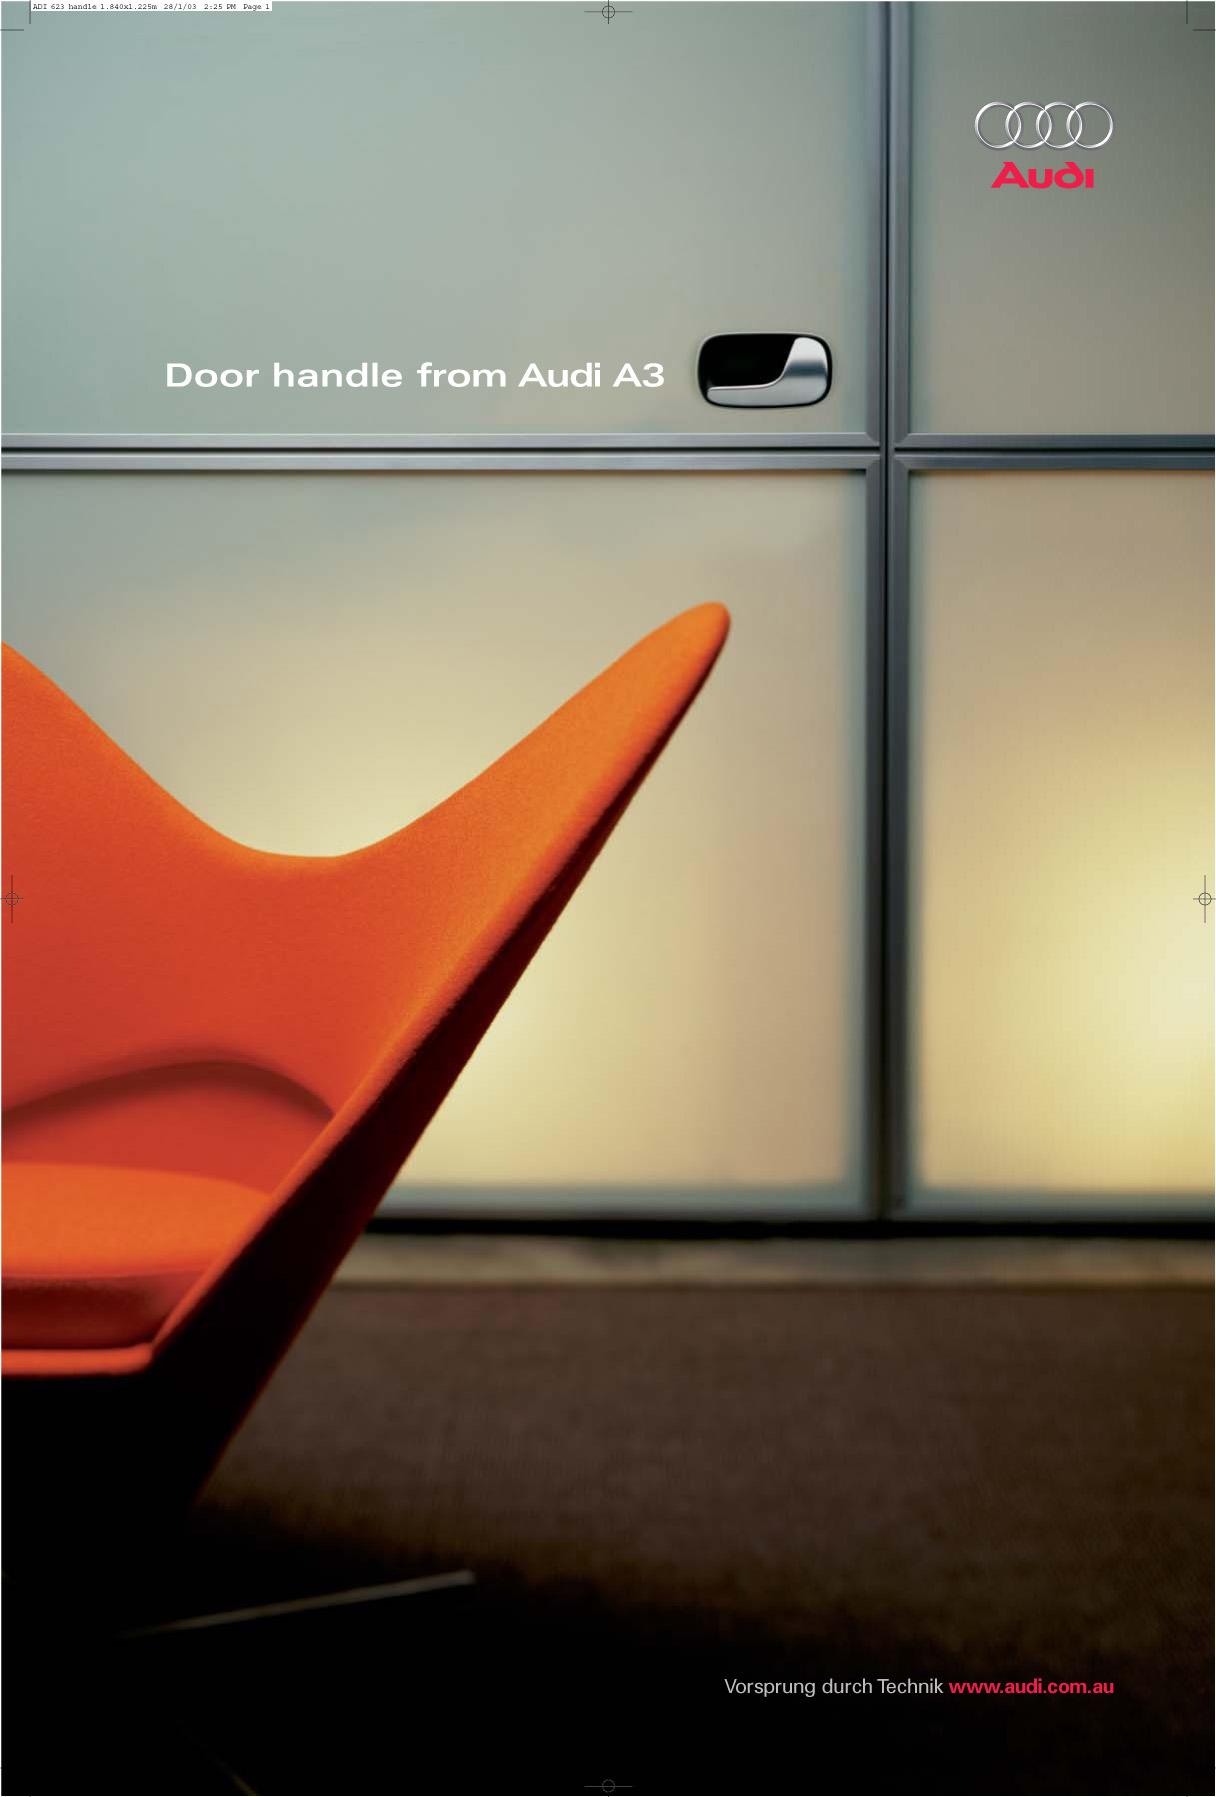 Audi 3 door handle